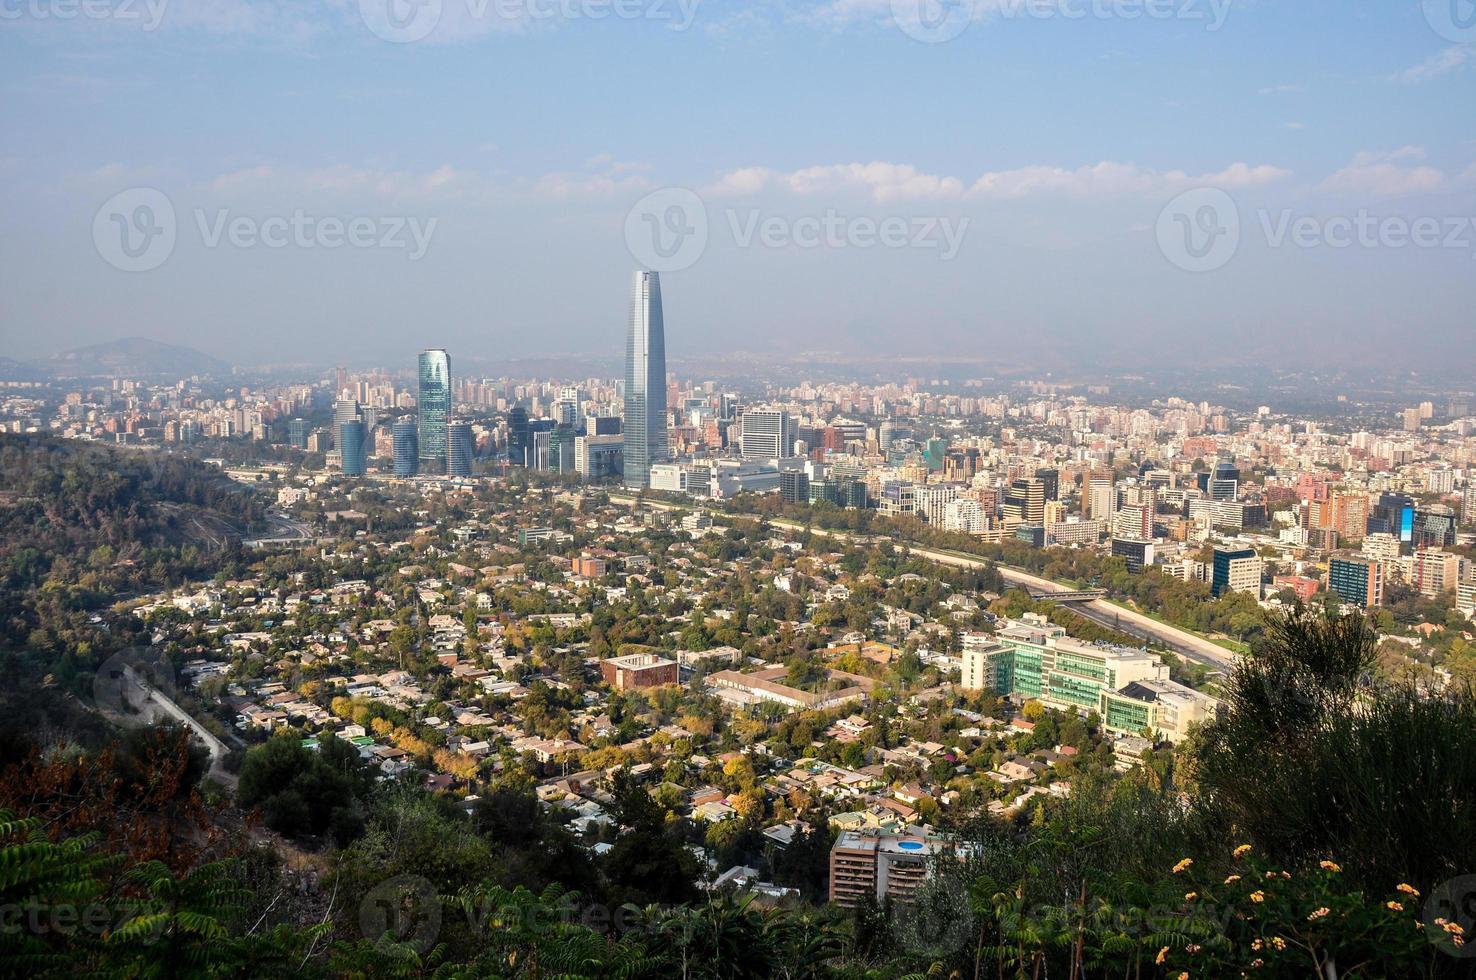 Blick auf die Skyline von Santiago von Cerro San Cristobal, Chile foto